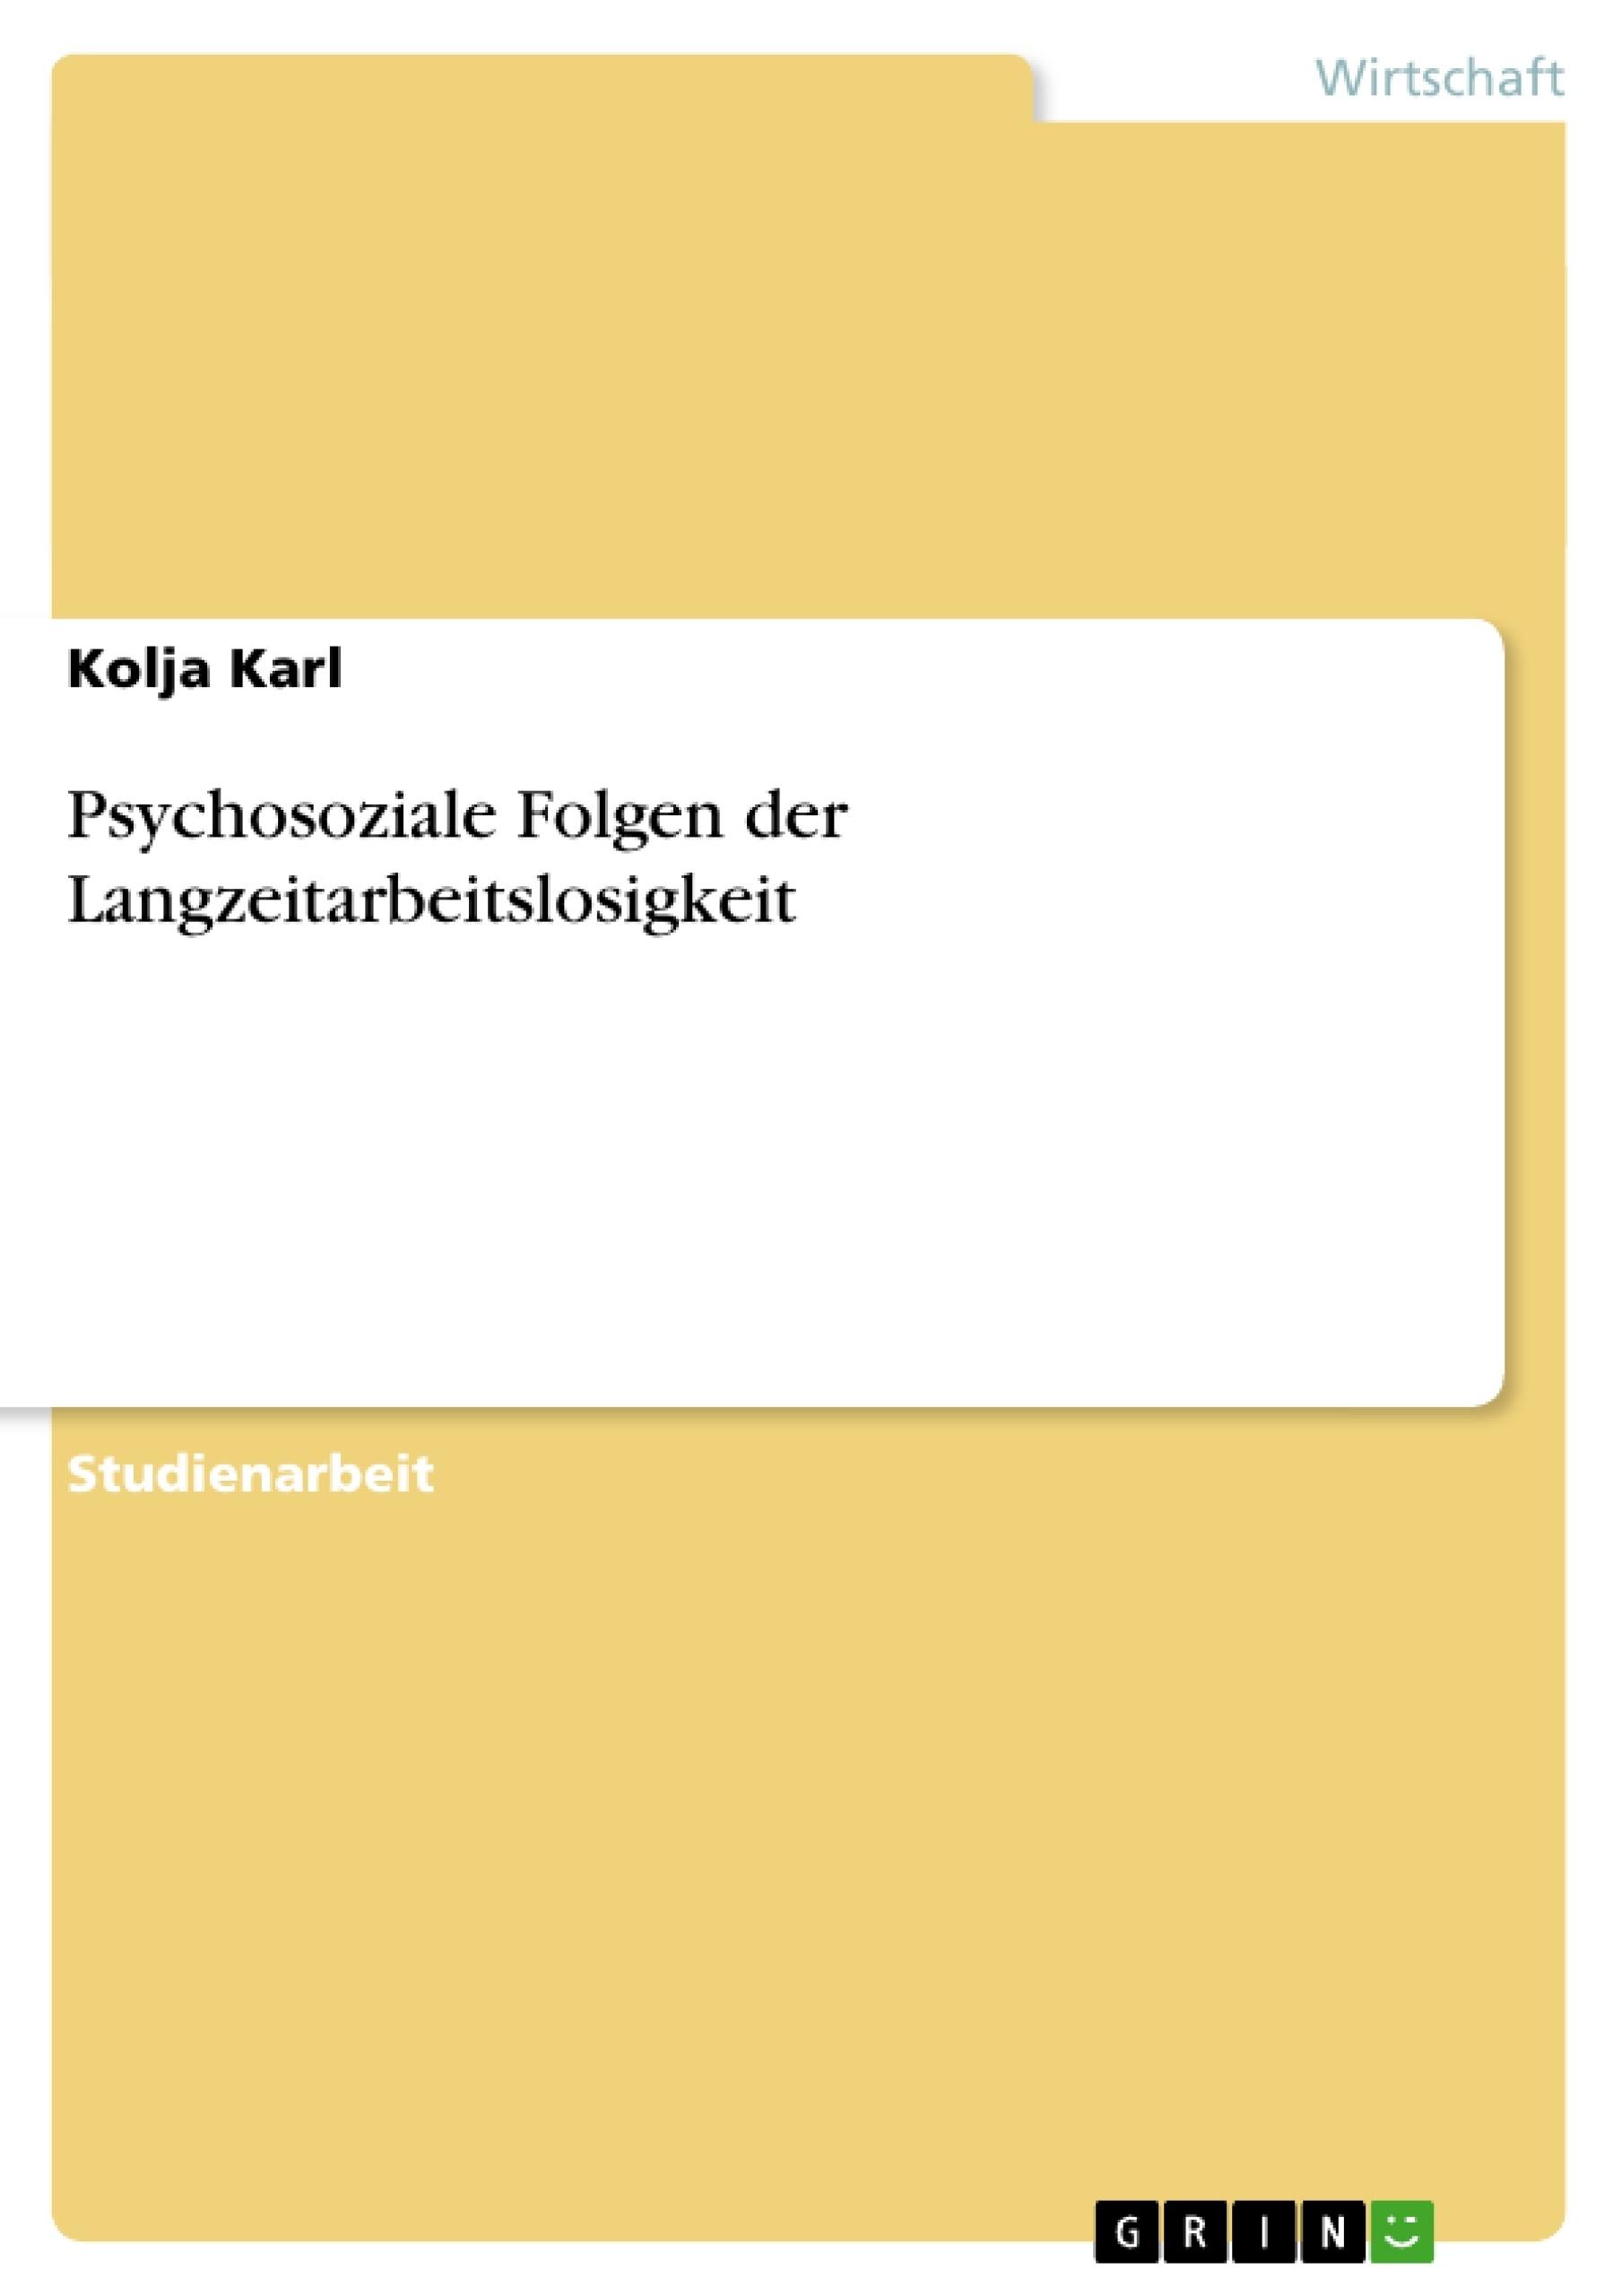 Titel: Psychosoziale Folgen der Langzeitarbeitslosigkeit